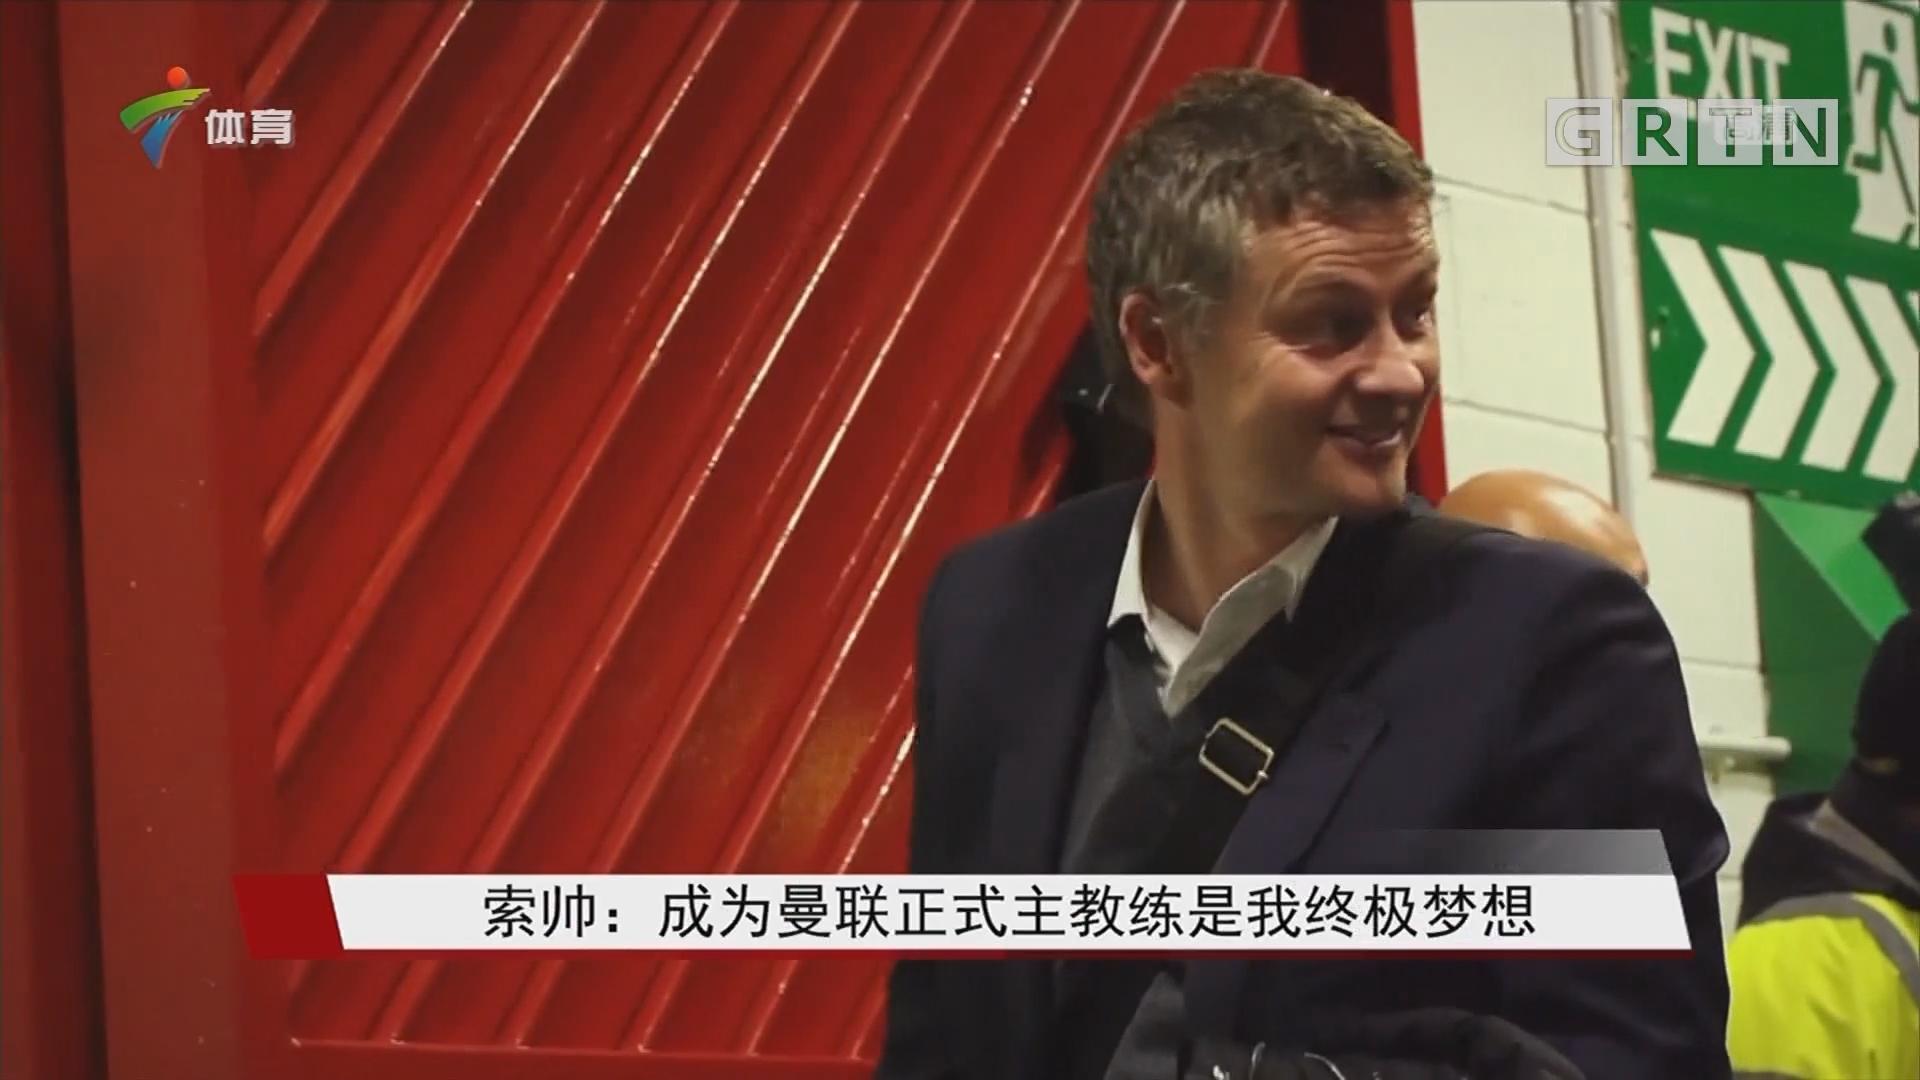 索帅:成为曼联正式主教练是我终极梦想